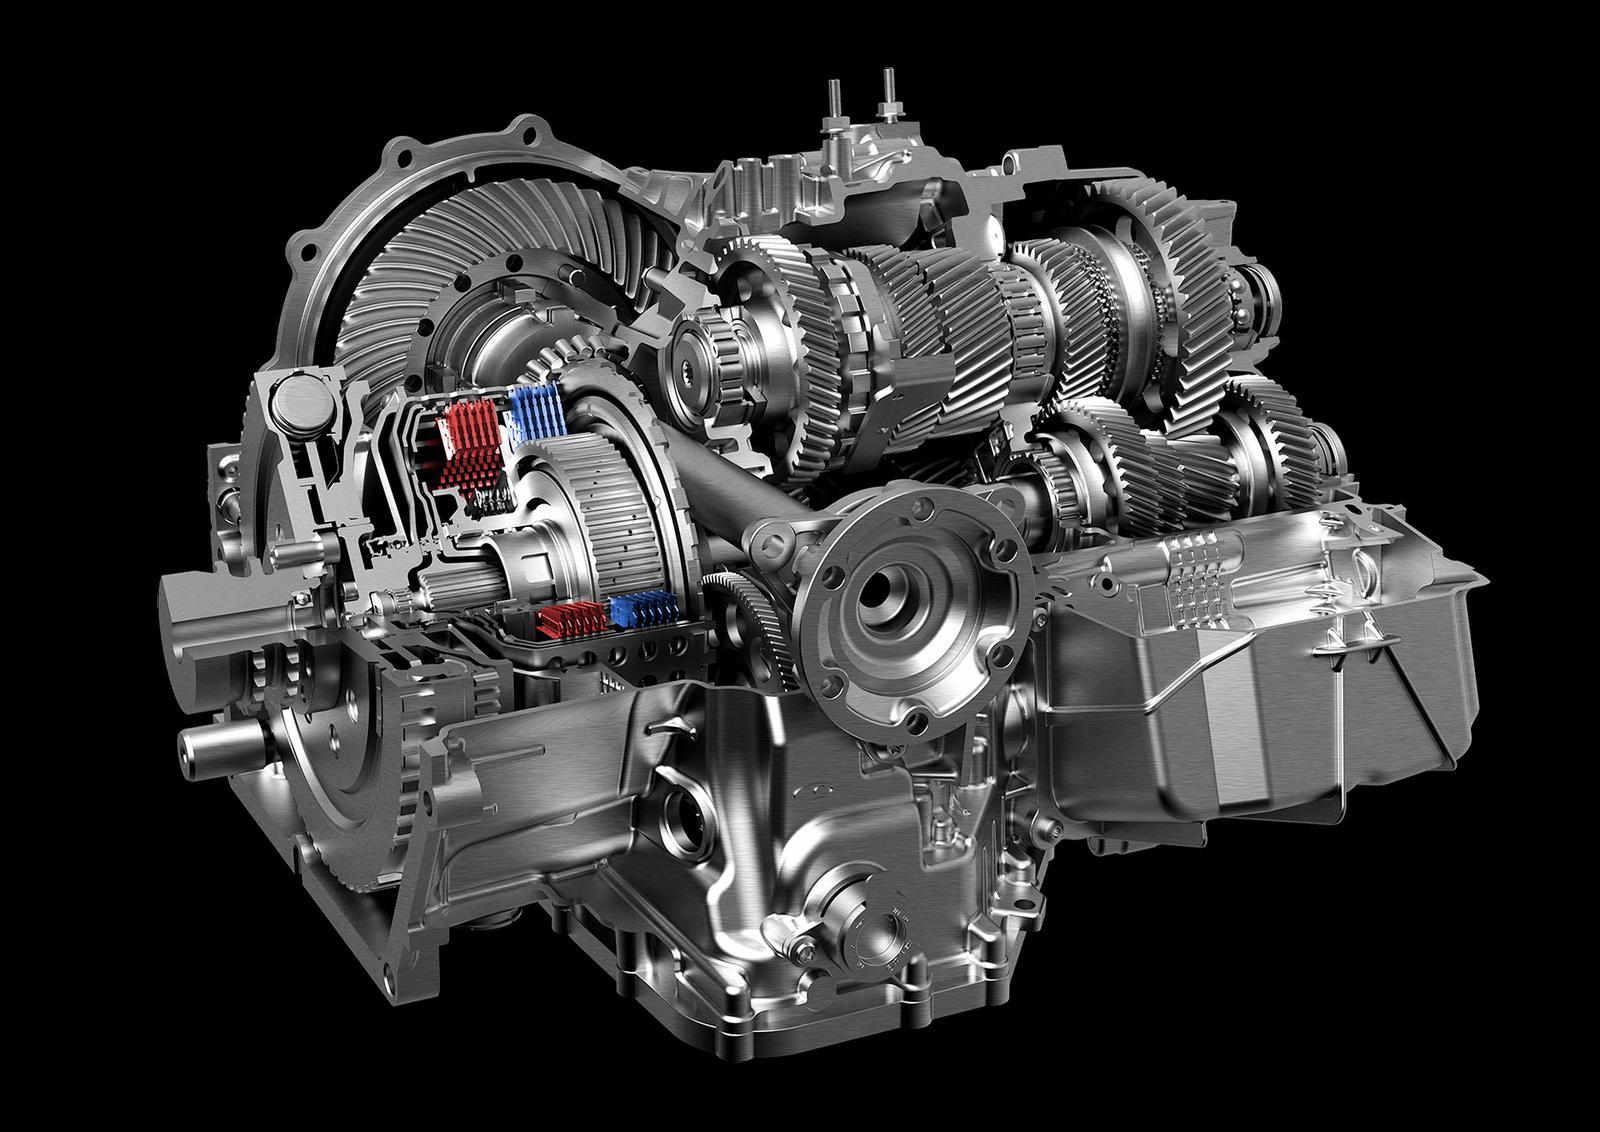 Lamborghini Huracán - Lamborghini Doppia Frizione (gearbox)